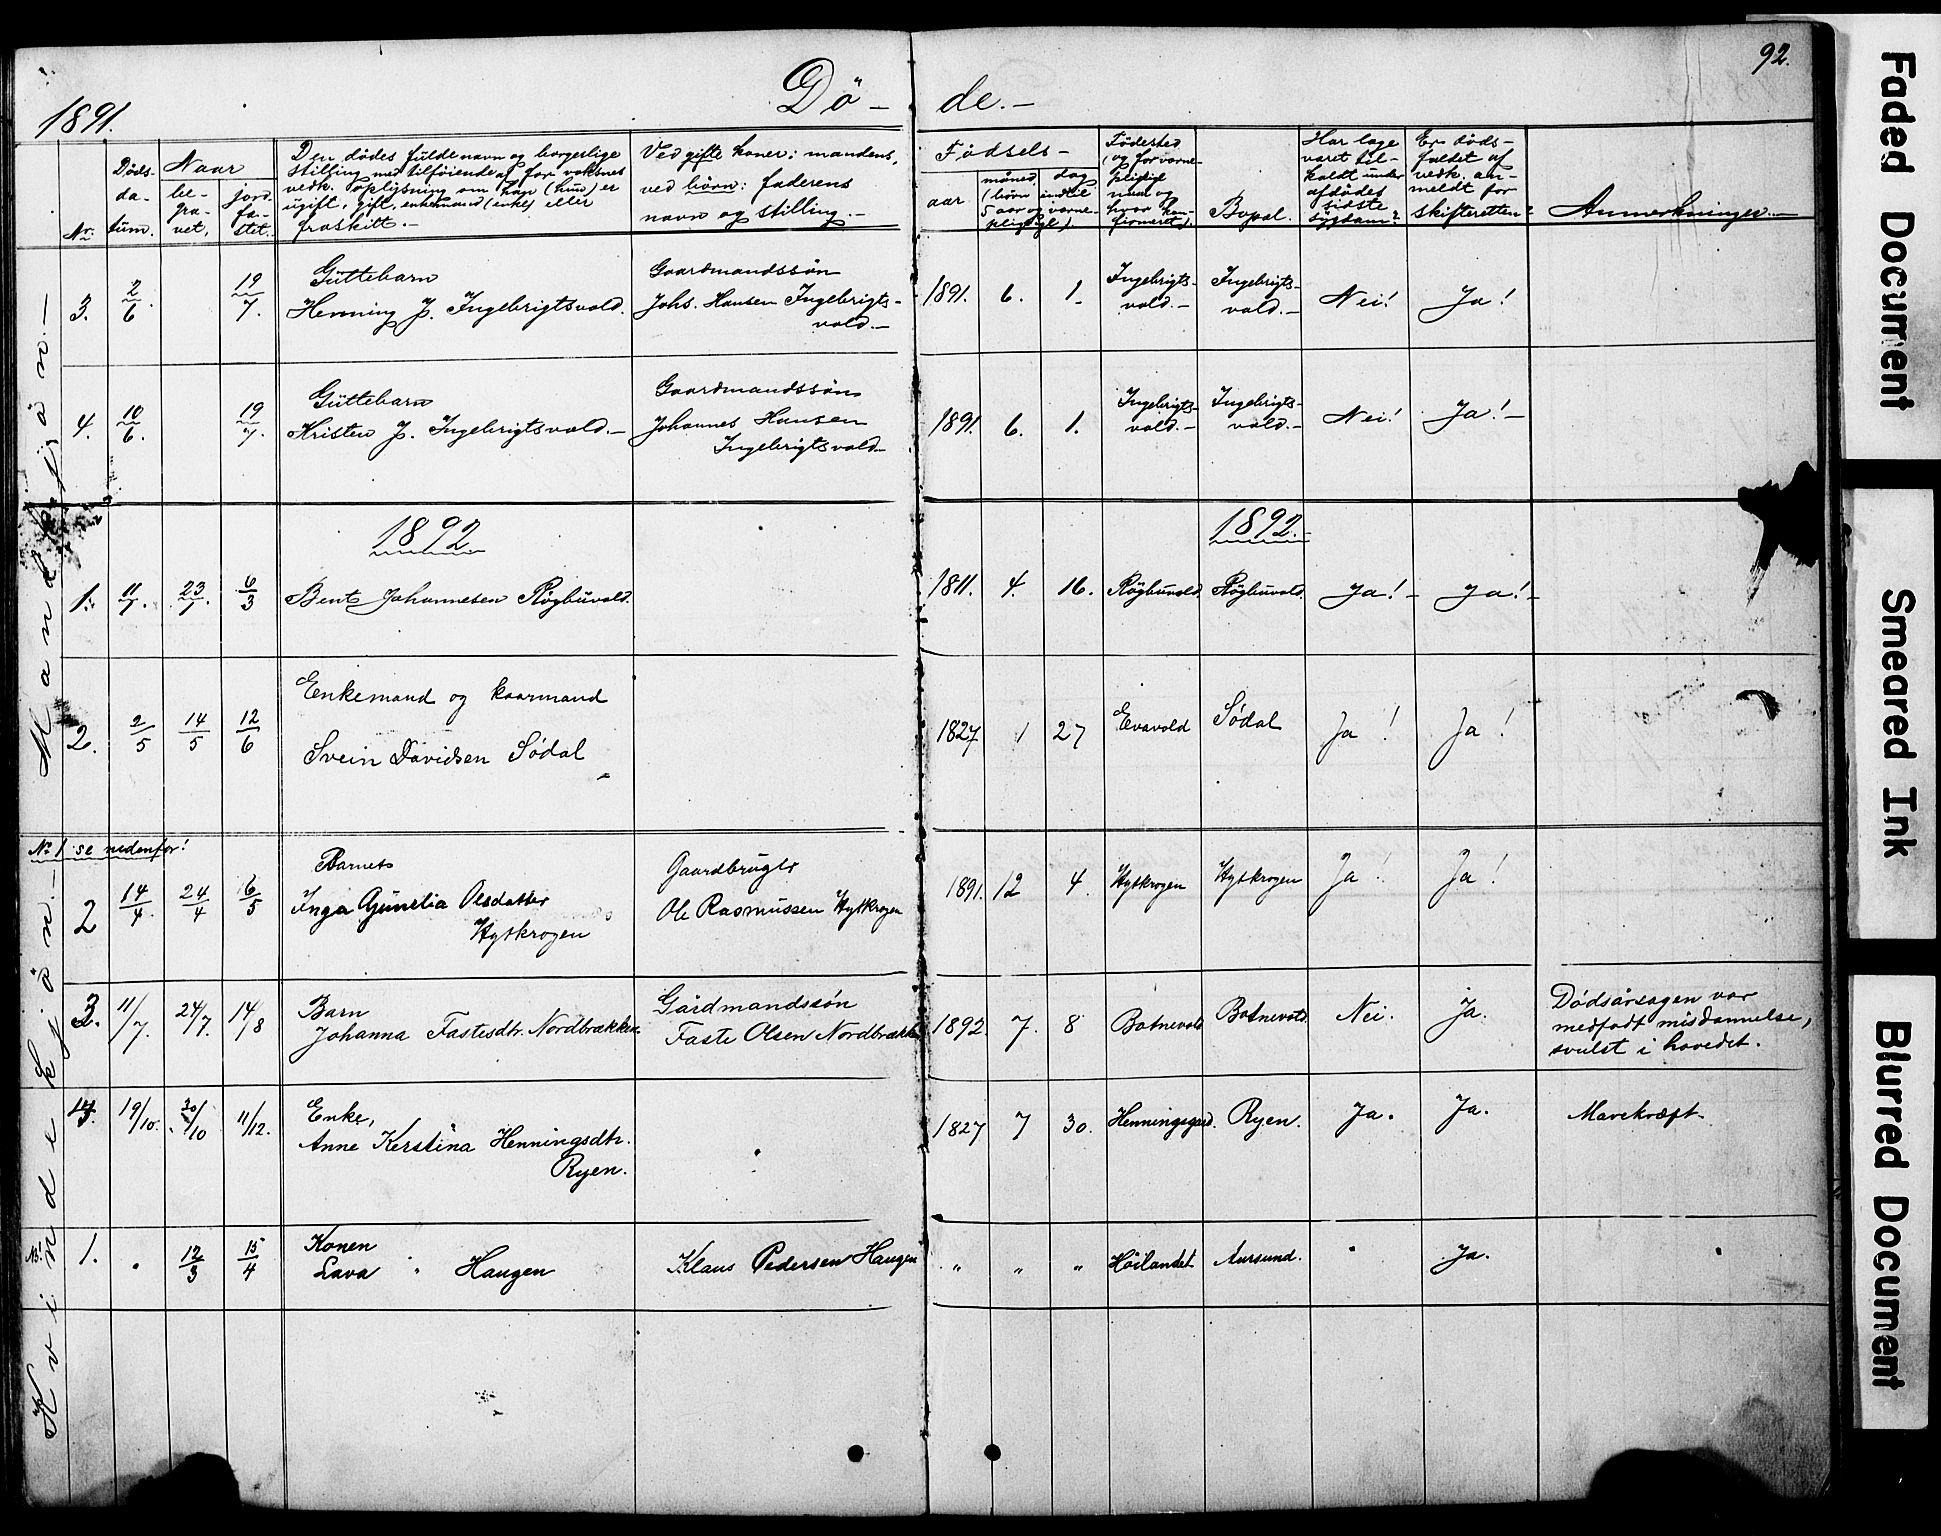 SAT, Ministerialprotokoller, klokkerbøker og fødselsregistre - Sør-Trøndelag, 683/L0949: Klokkerbok nr. 683C01, 1880-1896, s. 92